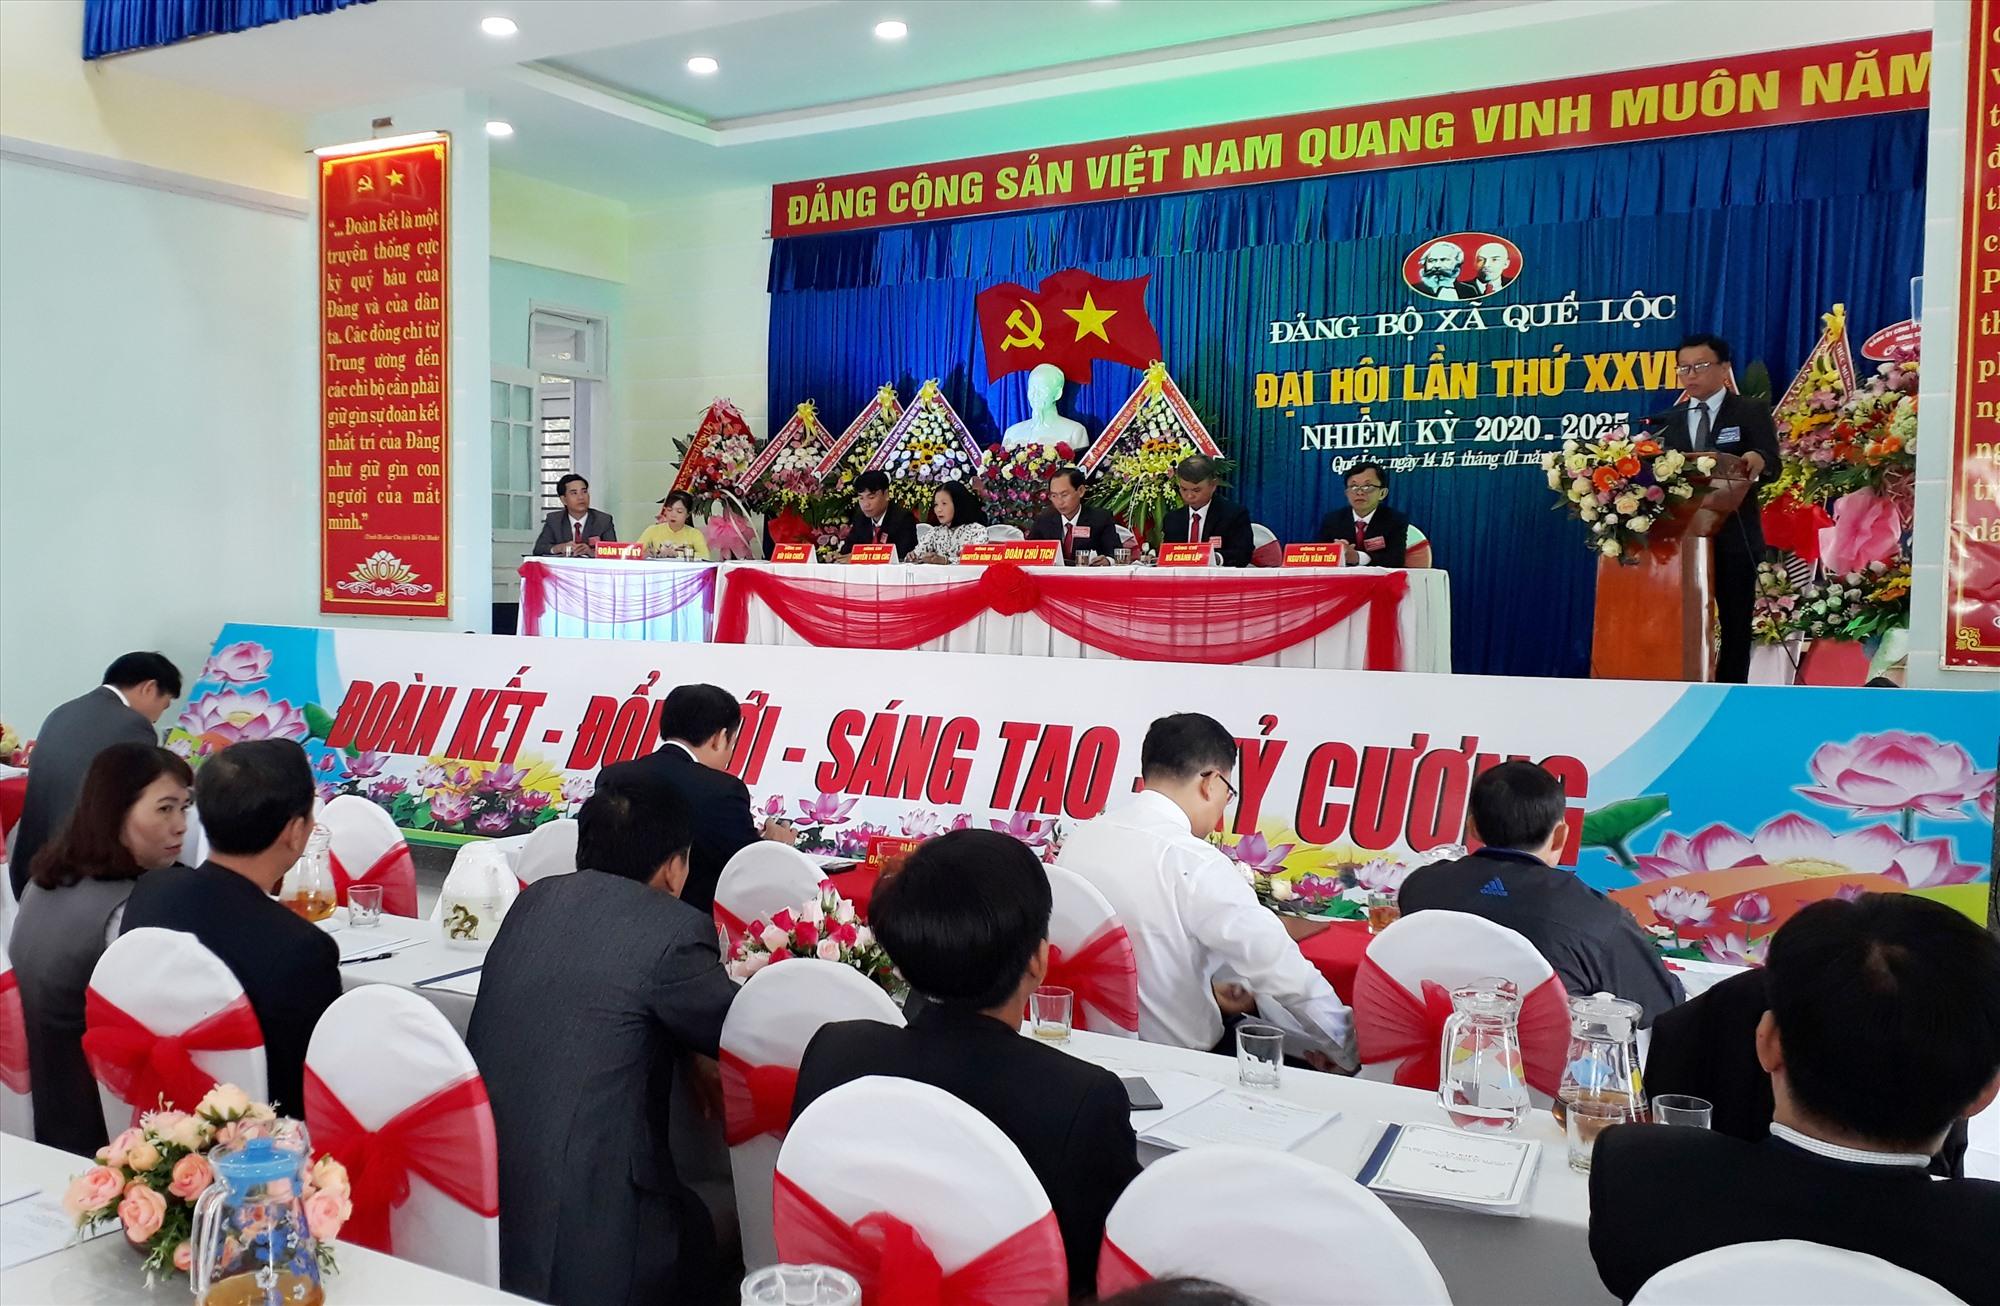 Đại hội Đảng bộ xã Quế Lộc (Nông Sơn) nhiệm kỳ 2020 - 2025. Ảnh: M.TÂM